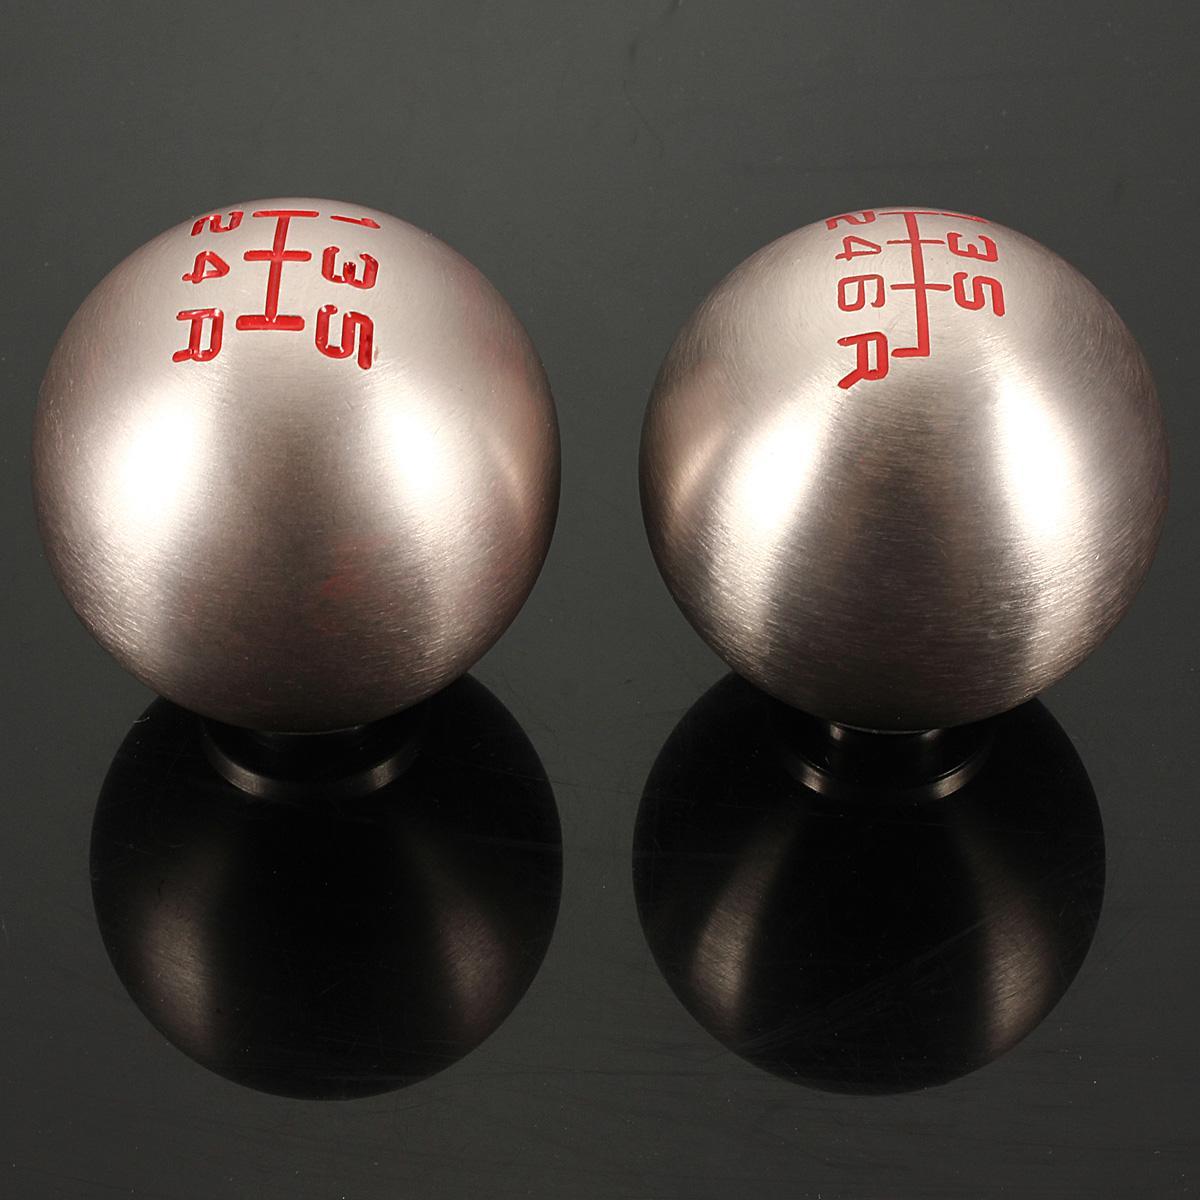 Jackey Awesome Screw Round Chrome Finish Aluminum Manual Transmission Stick Shift Knob Fit